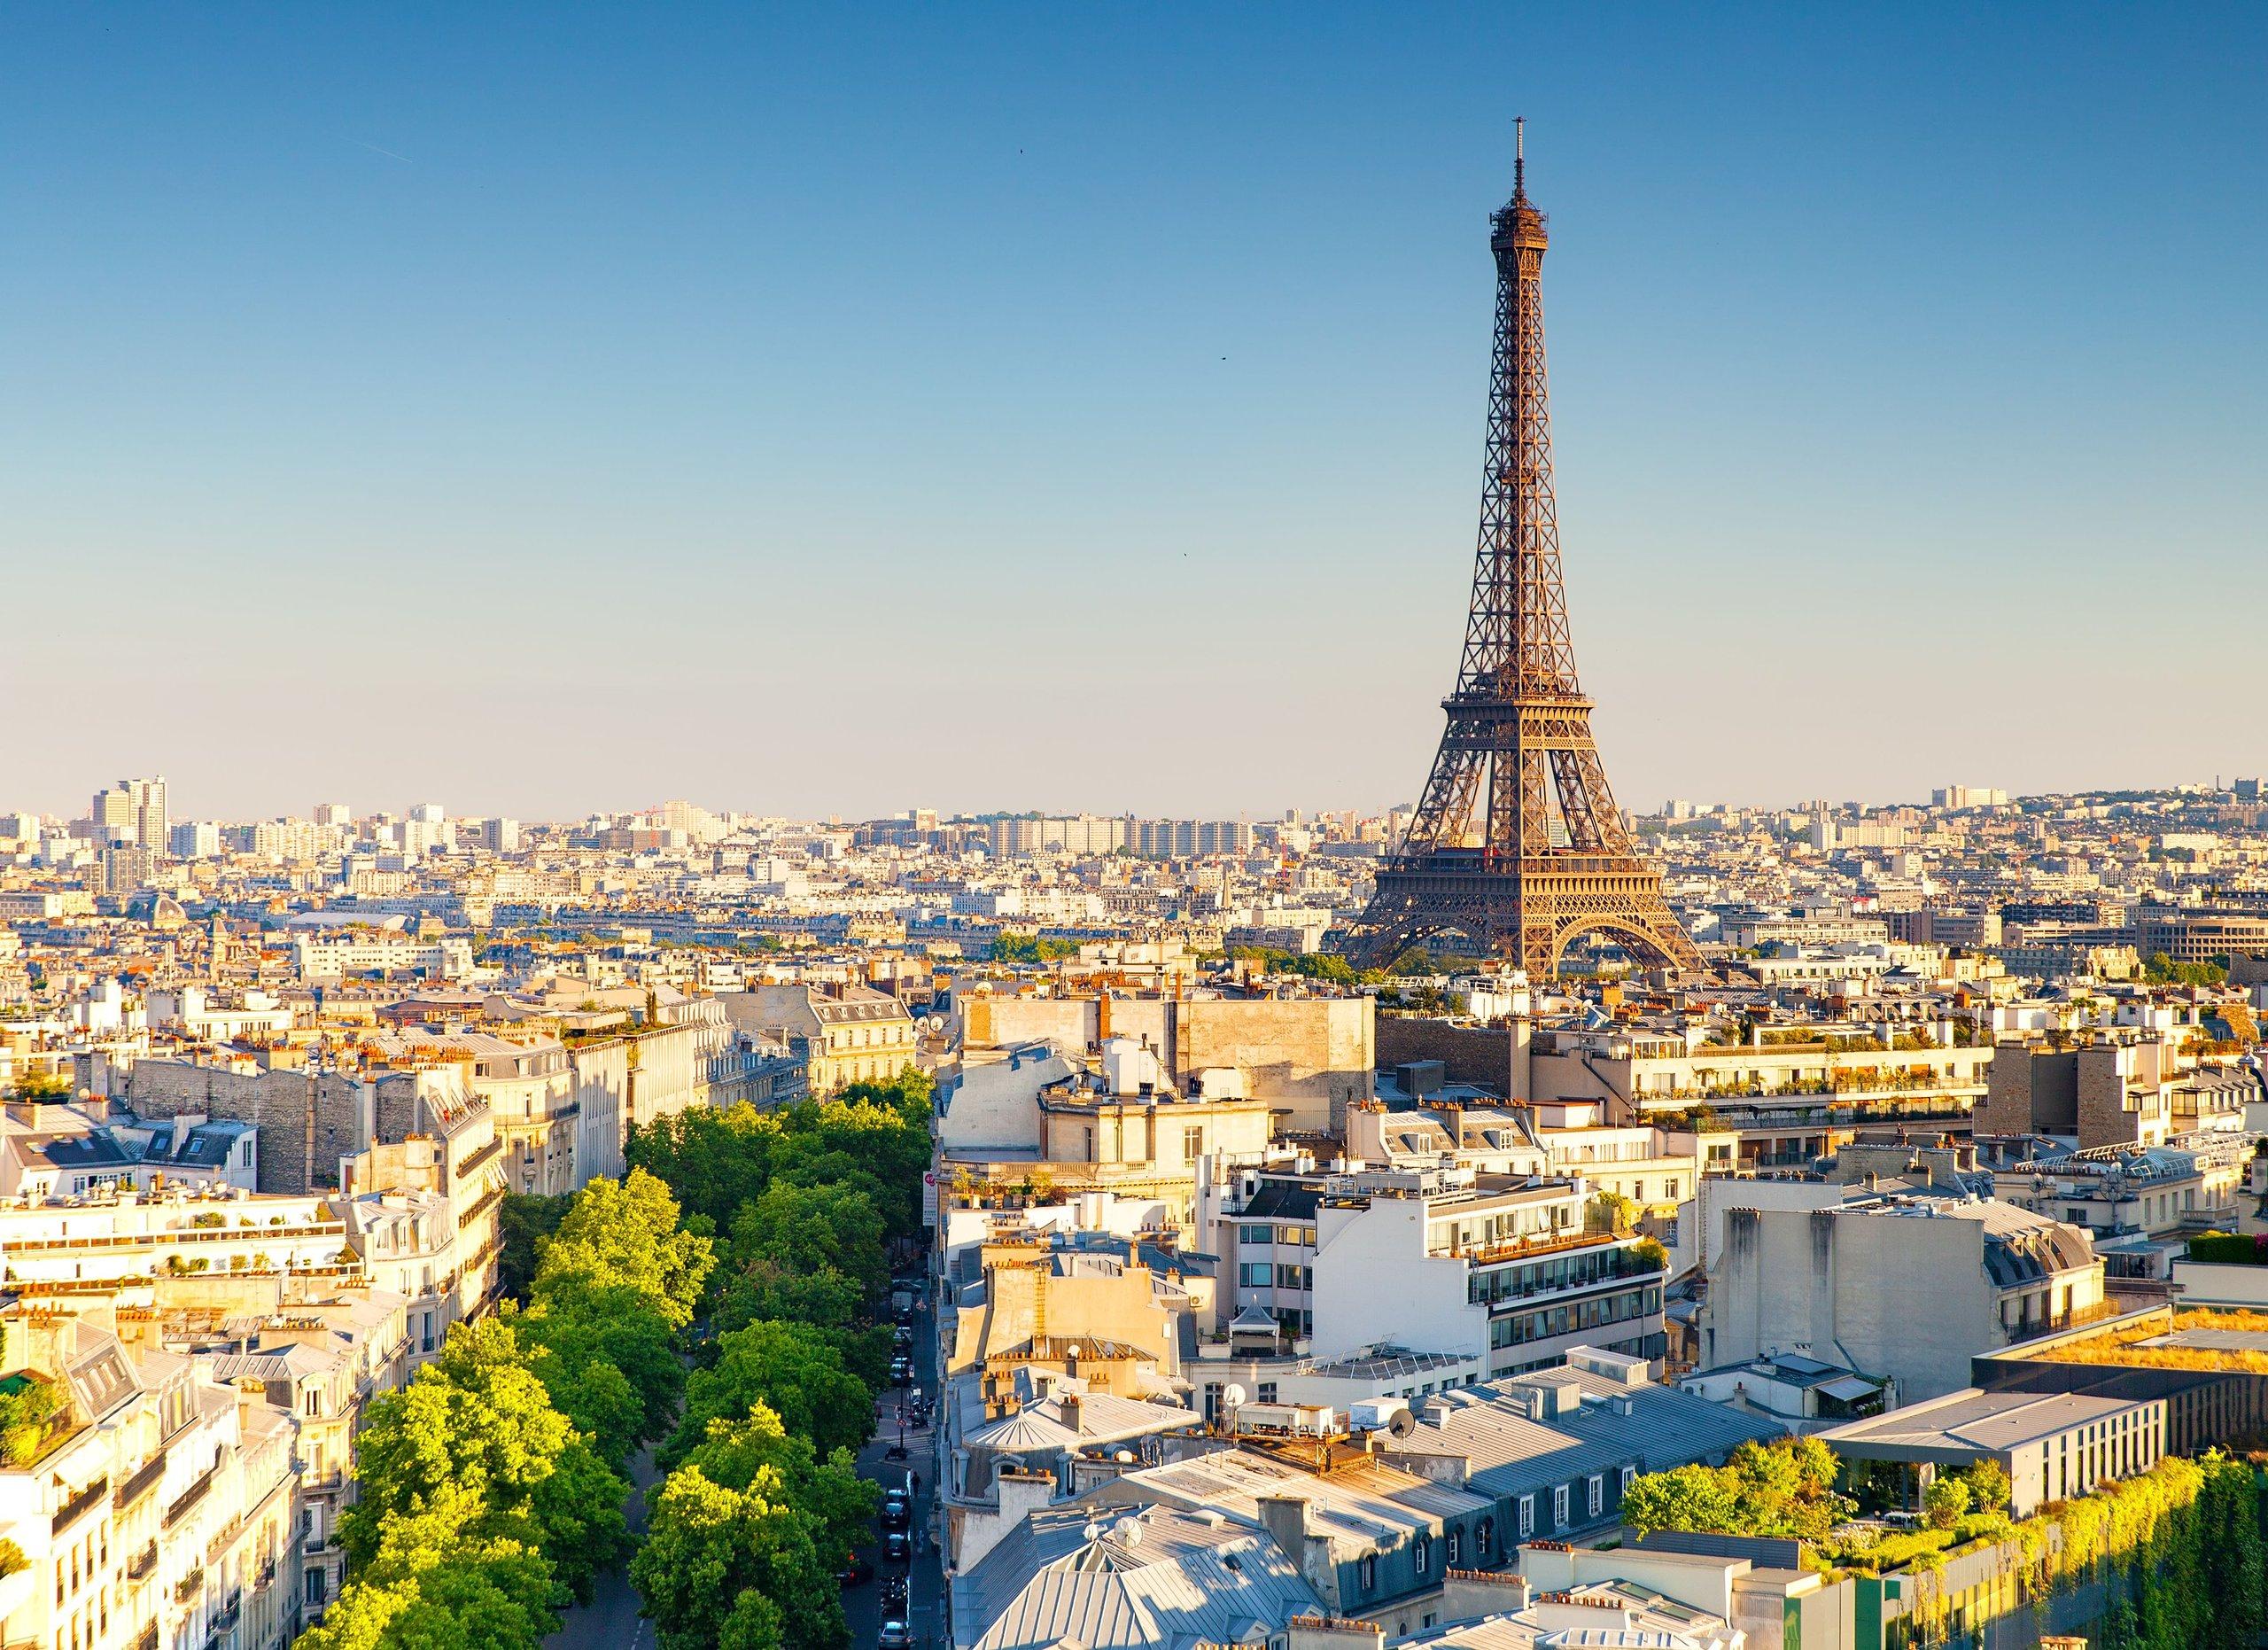 افضل 3 انشطة في برج مونبارناس باريس فرنسا